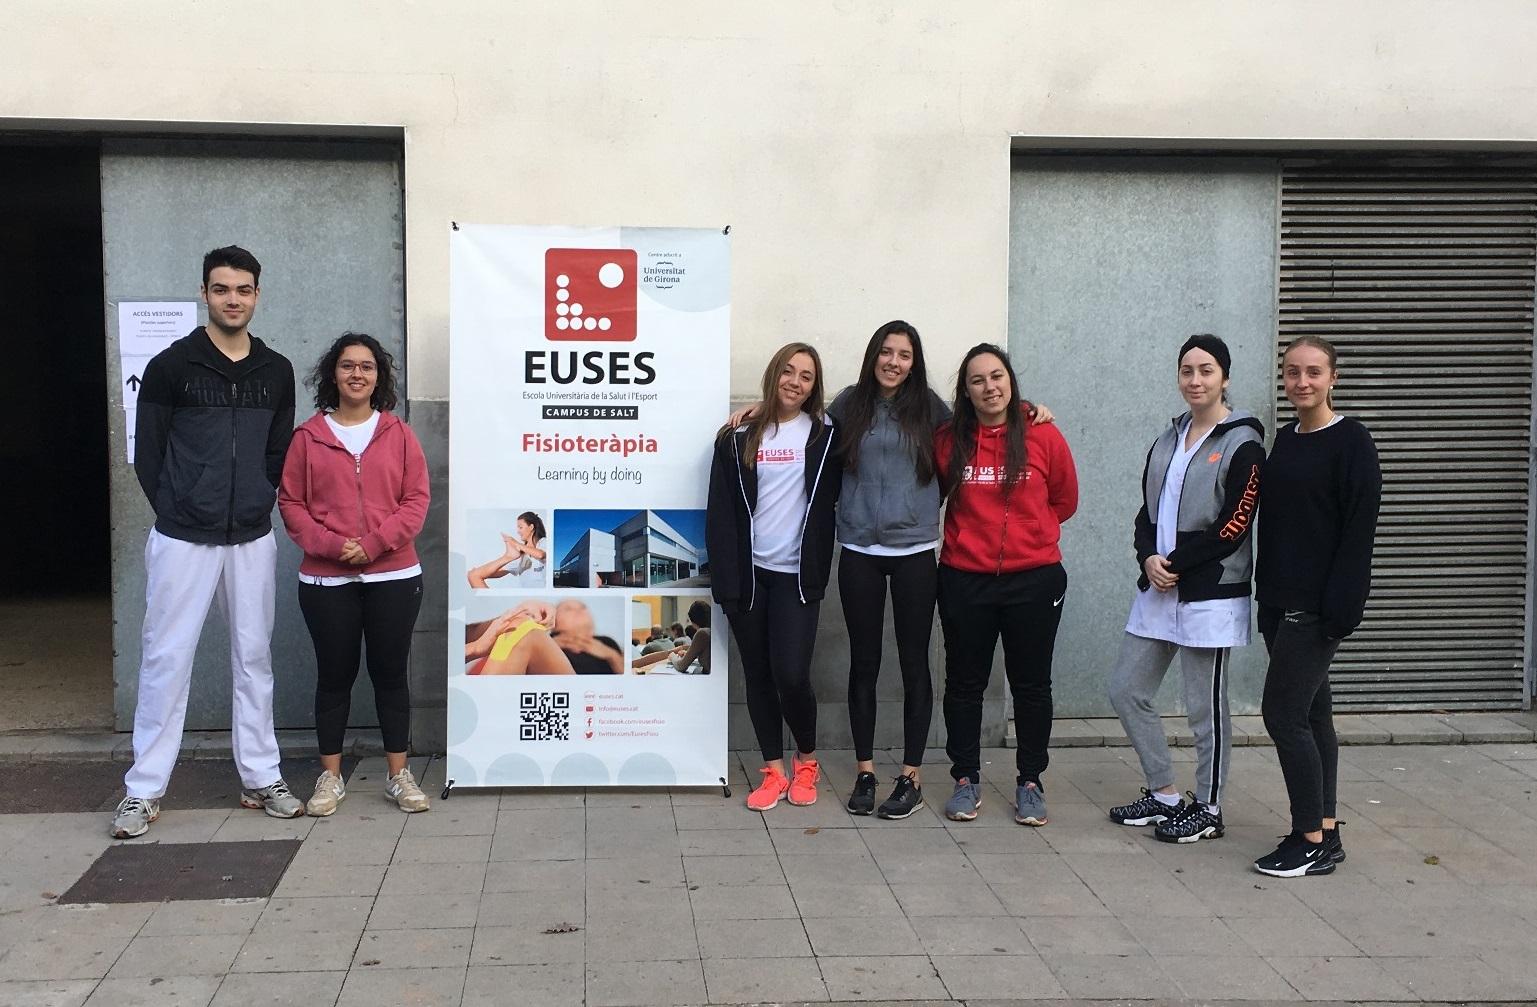 Estudiants del Grau en Fisioteràpia d'EUSES recuperen els participants de la 2a Duatló de Muntanya del GEiEG